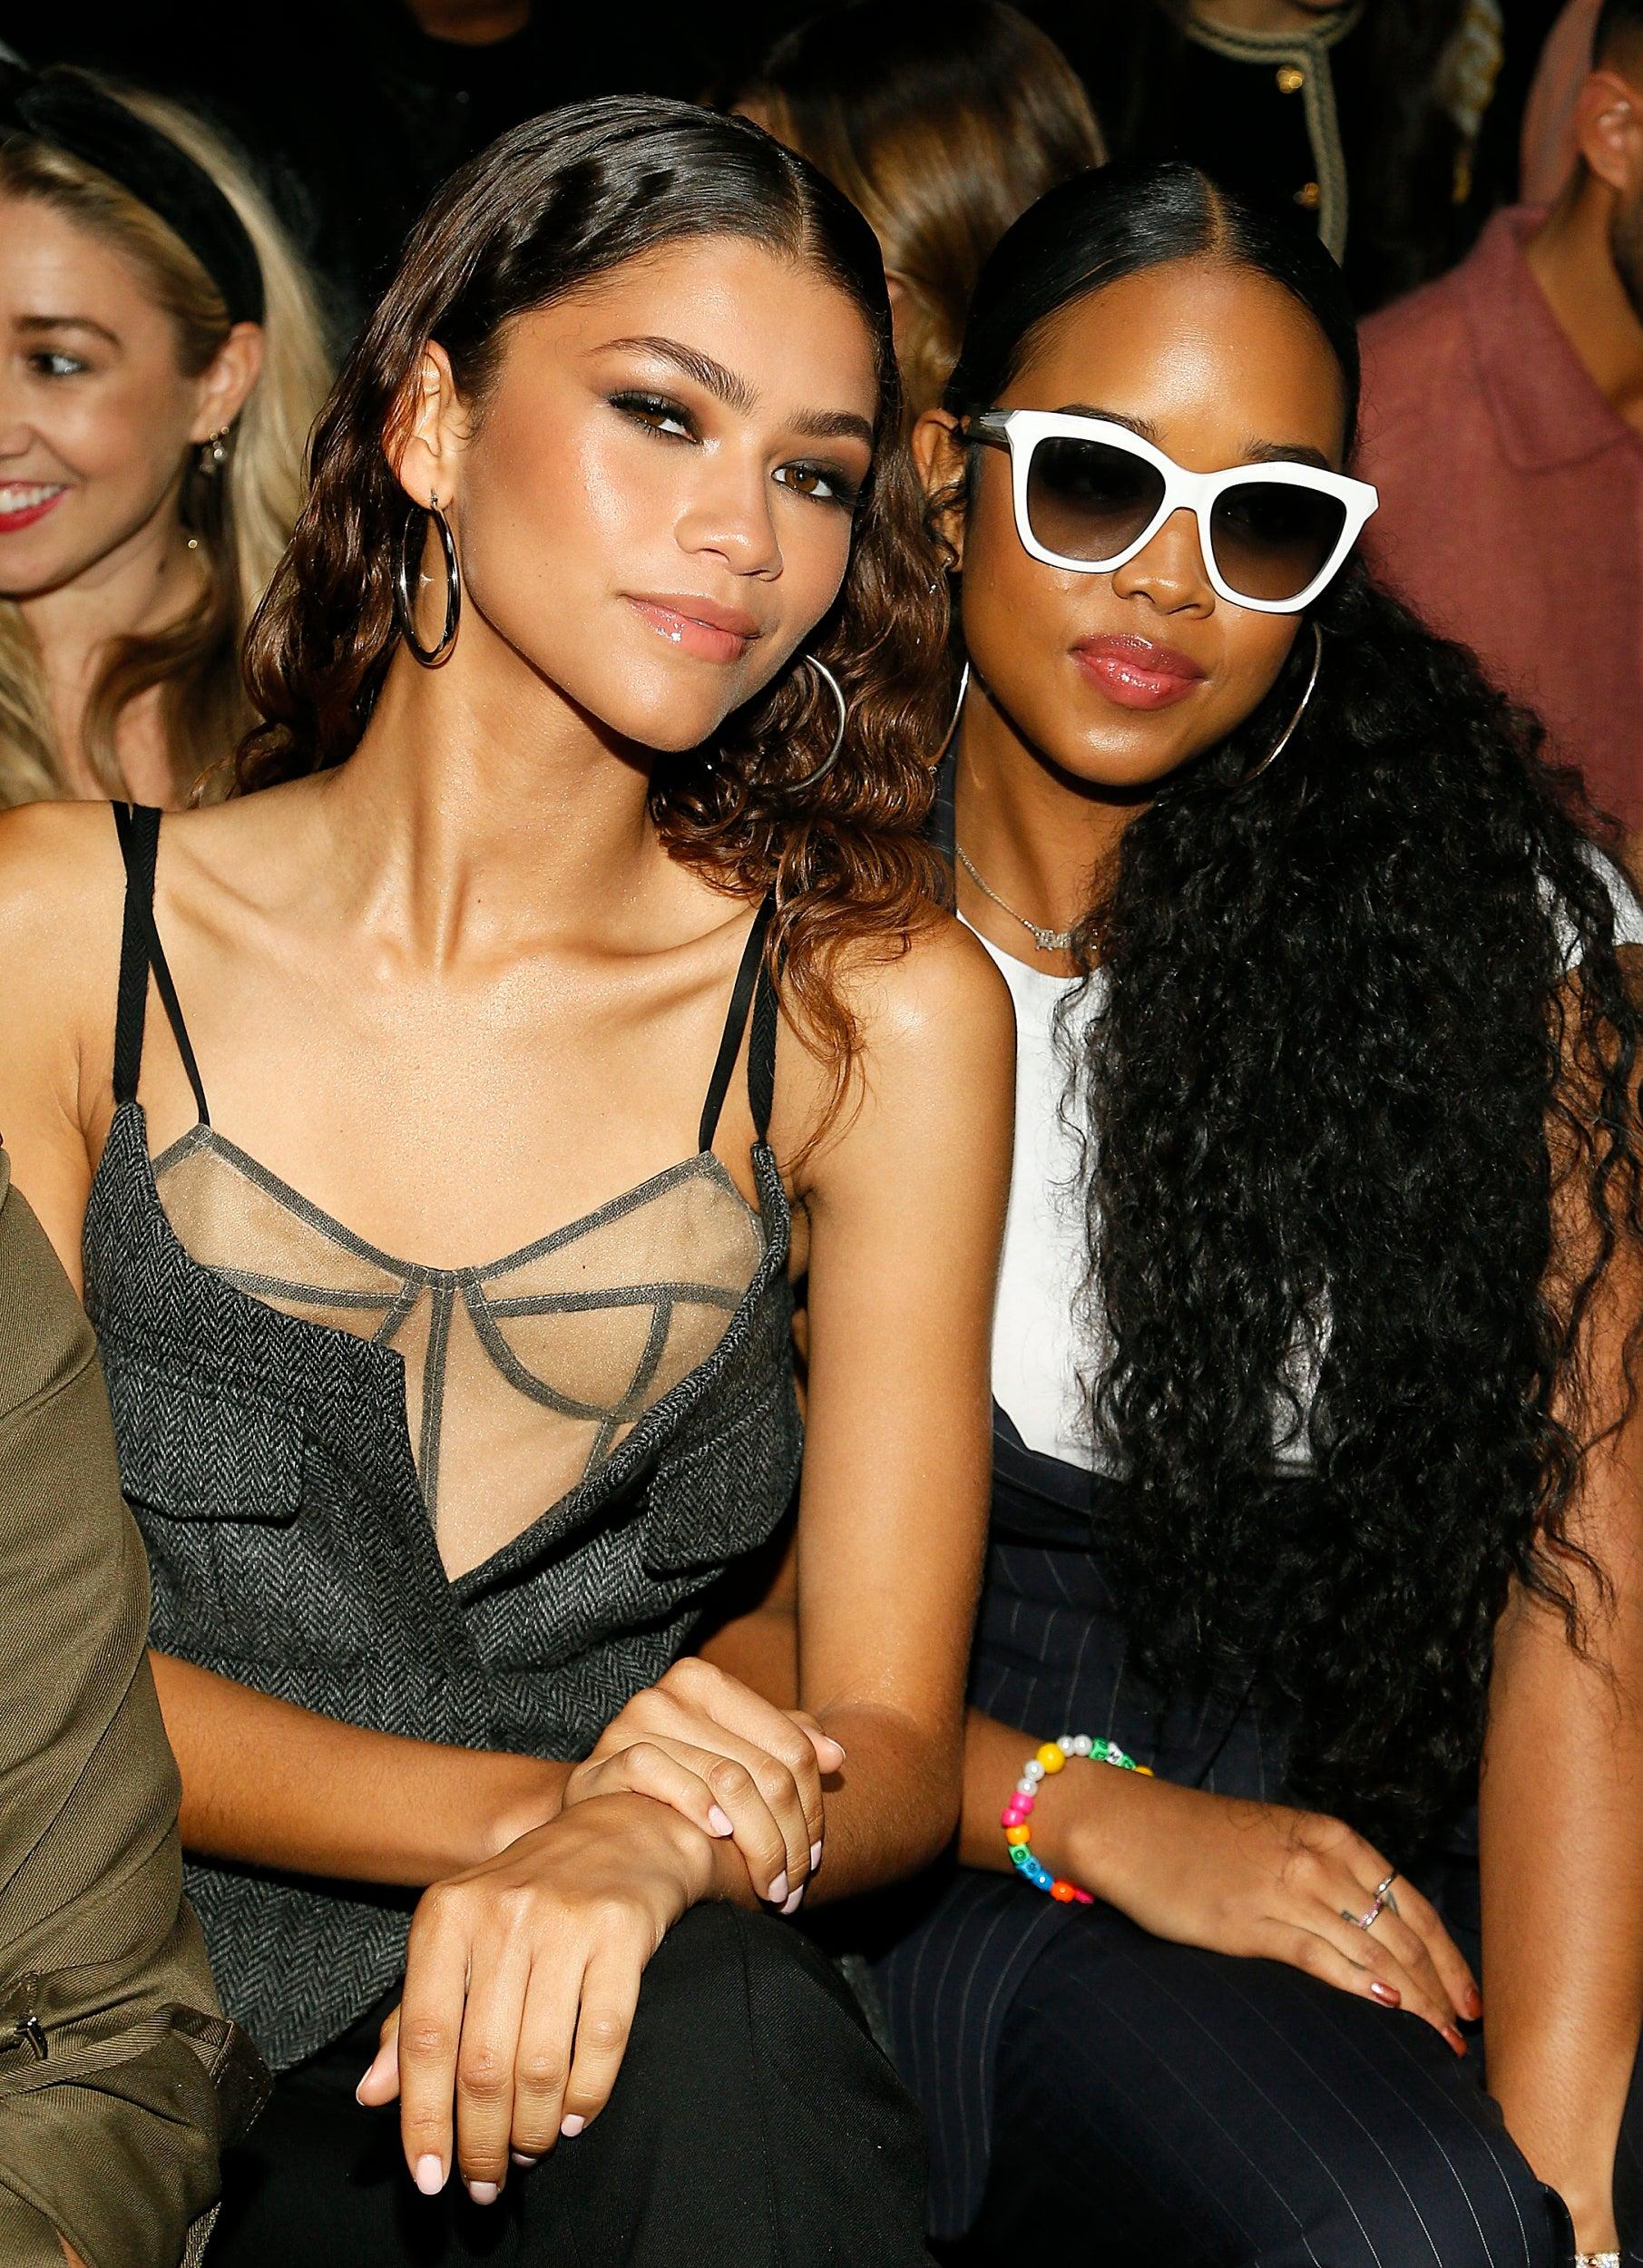 Zendaya and H.E.R